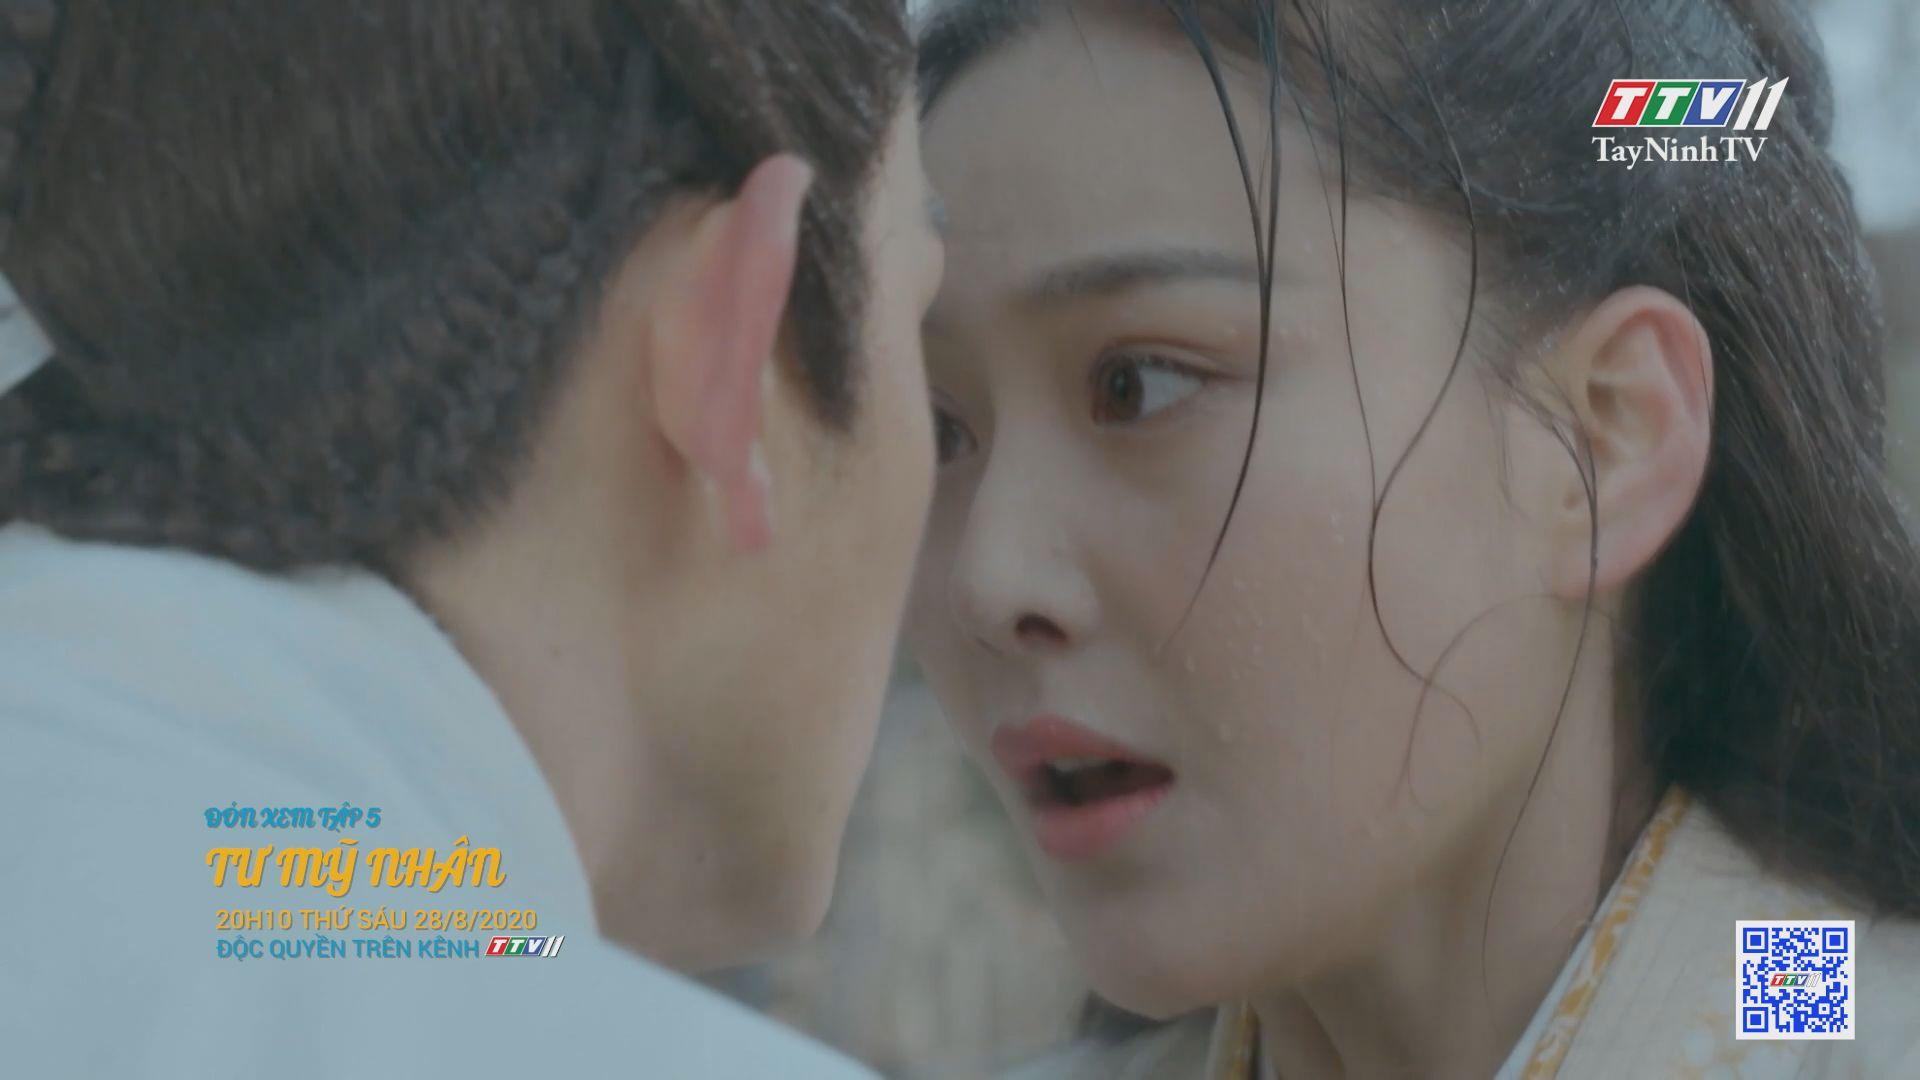 Tư mỹ nhân- TẬP 5 trailer   PHIM TƯ MỸ NHÂN   TayNinhTV